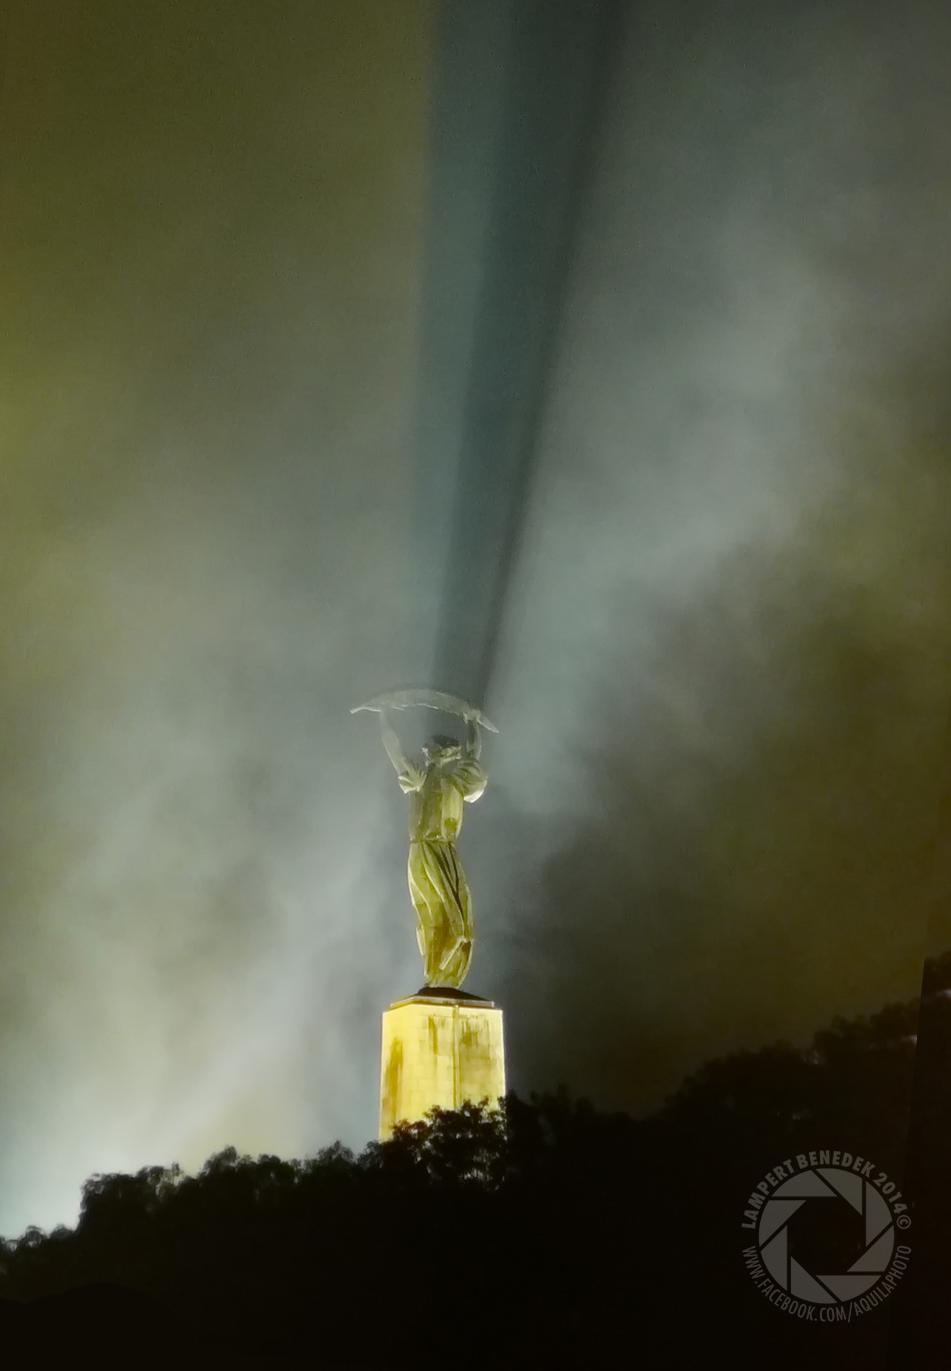 A Szabadság szobor a tűzijáték füstjében.